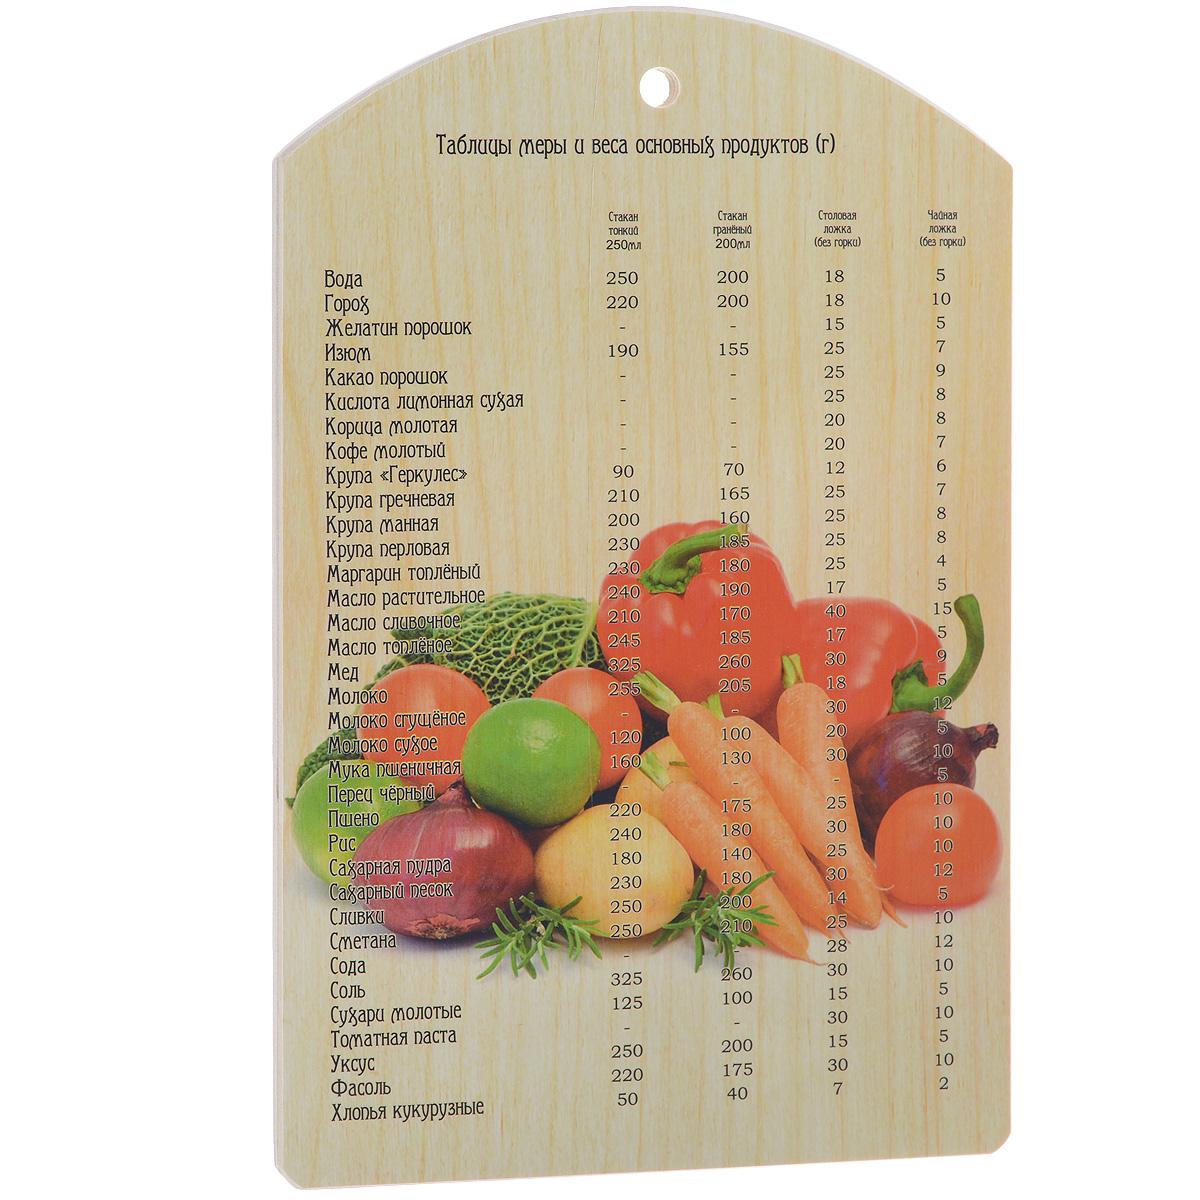 Доска разделочная Marmiton Урожай, 29 х 18,5 см17039Разделочная доска Marmiton Урожай, изготовленная из березы, прекрасно подходит для разделки и измельчения всех видов продуктов. С лицевой стороны изделие декорировано изображением овощей и таблицей меры и веса продуктов. Доска имеет отверстие для подвешивания на крючок.Внимание! Используйте только обратную сторону доски! Перед первым использованием промойте теплой водой и вытрите насухо мягкой тканью. Не подходит для мытья в посудомоечной машине.